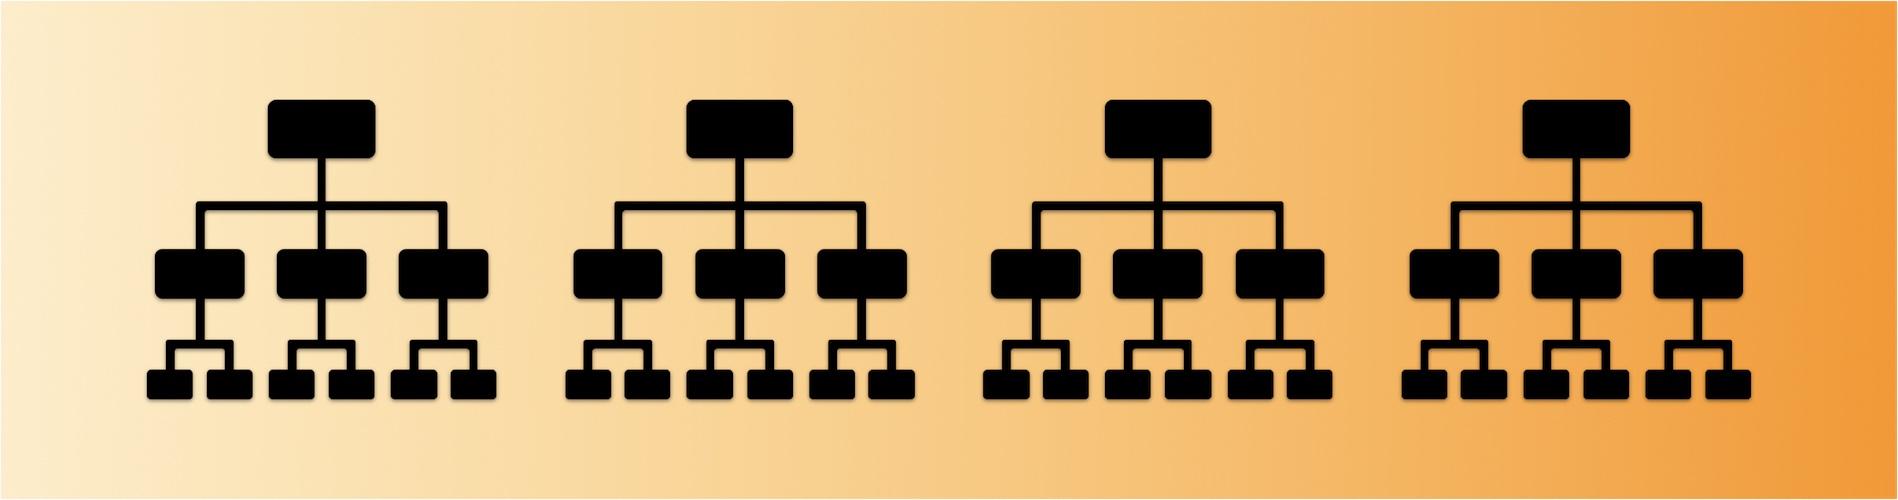 Imagem de organização das informações para um Post que explica de forma simples as principais características da taxonomia